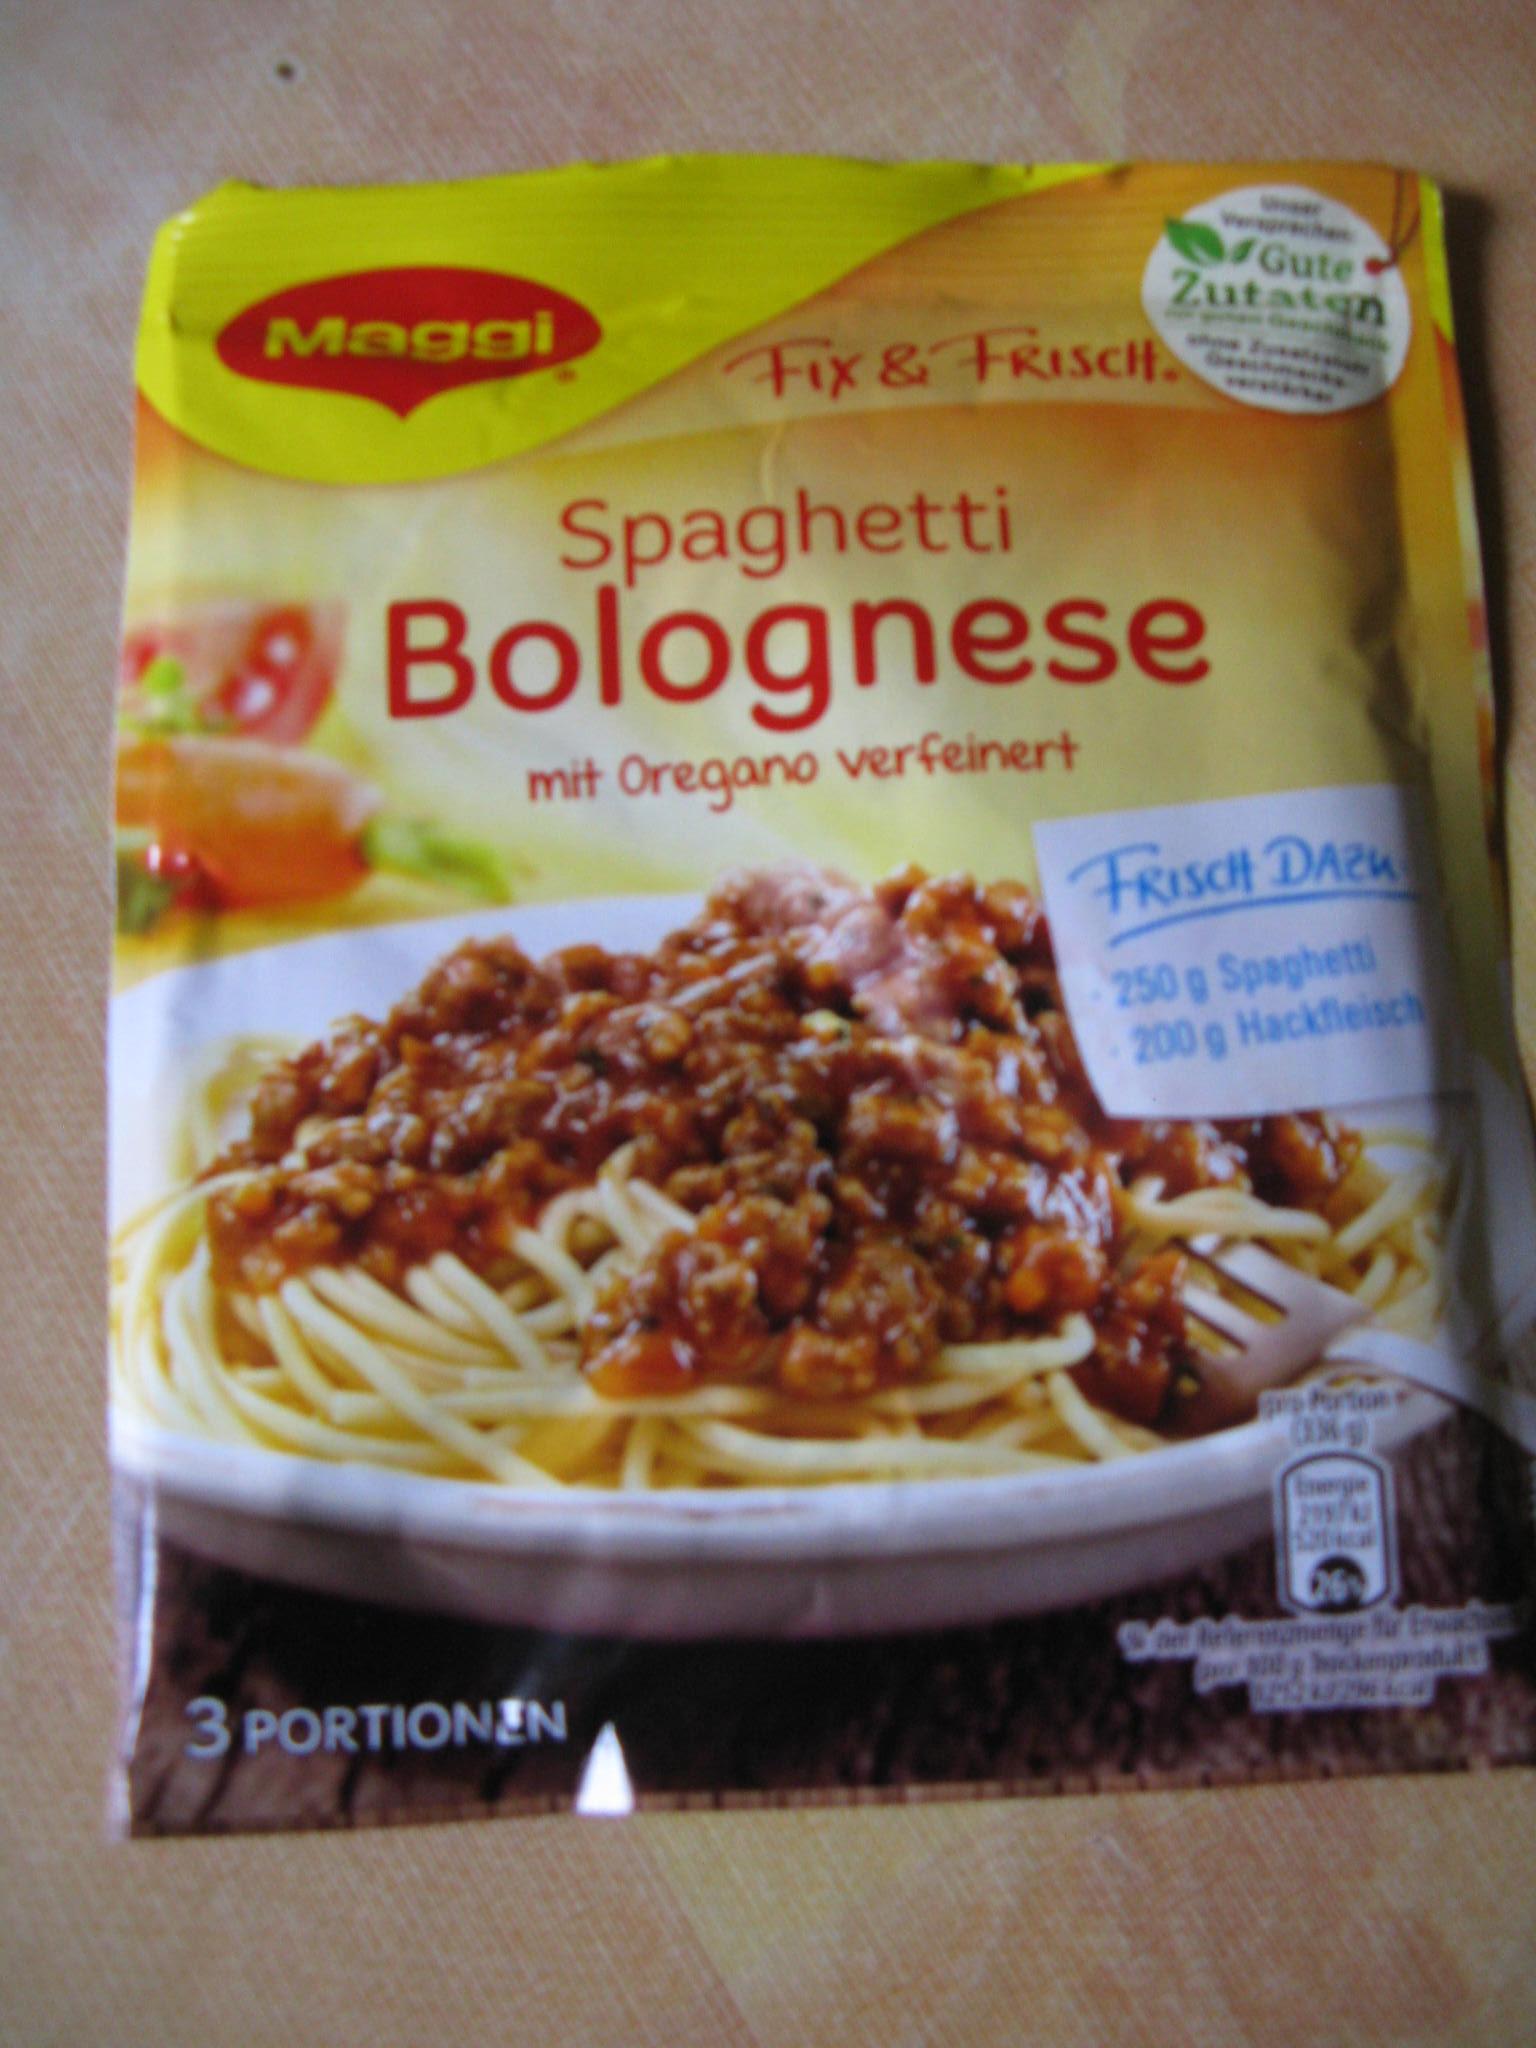 Die neue Maggi Qualität    Fix & Frisch Spaghetti Bolognese